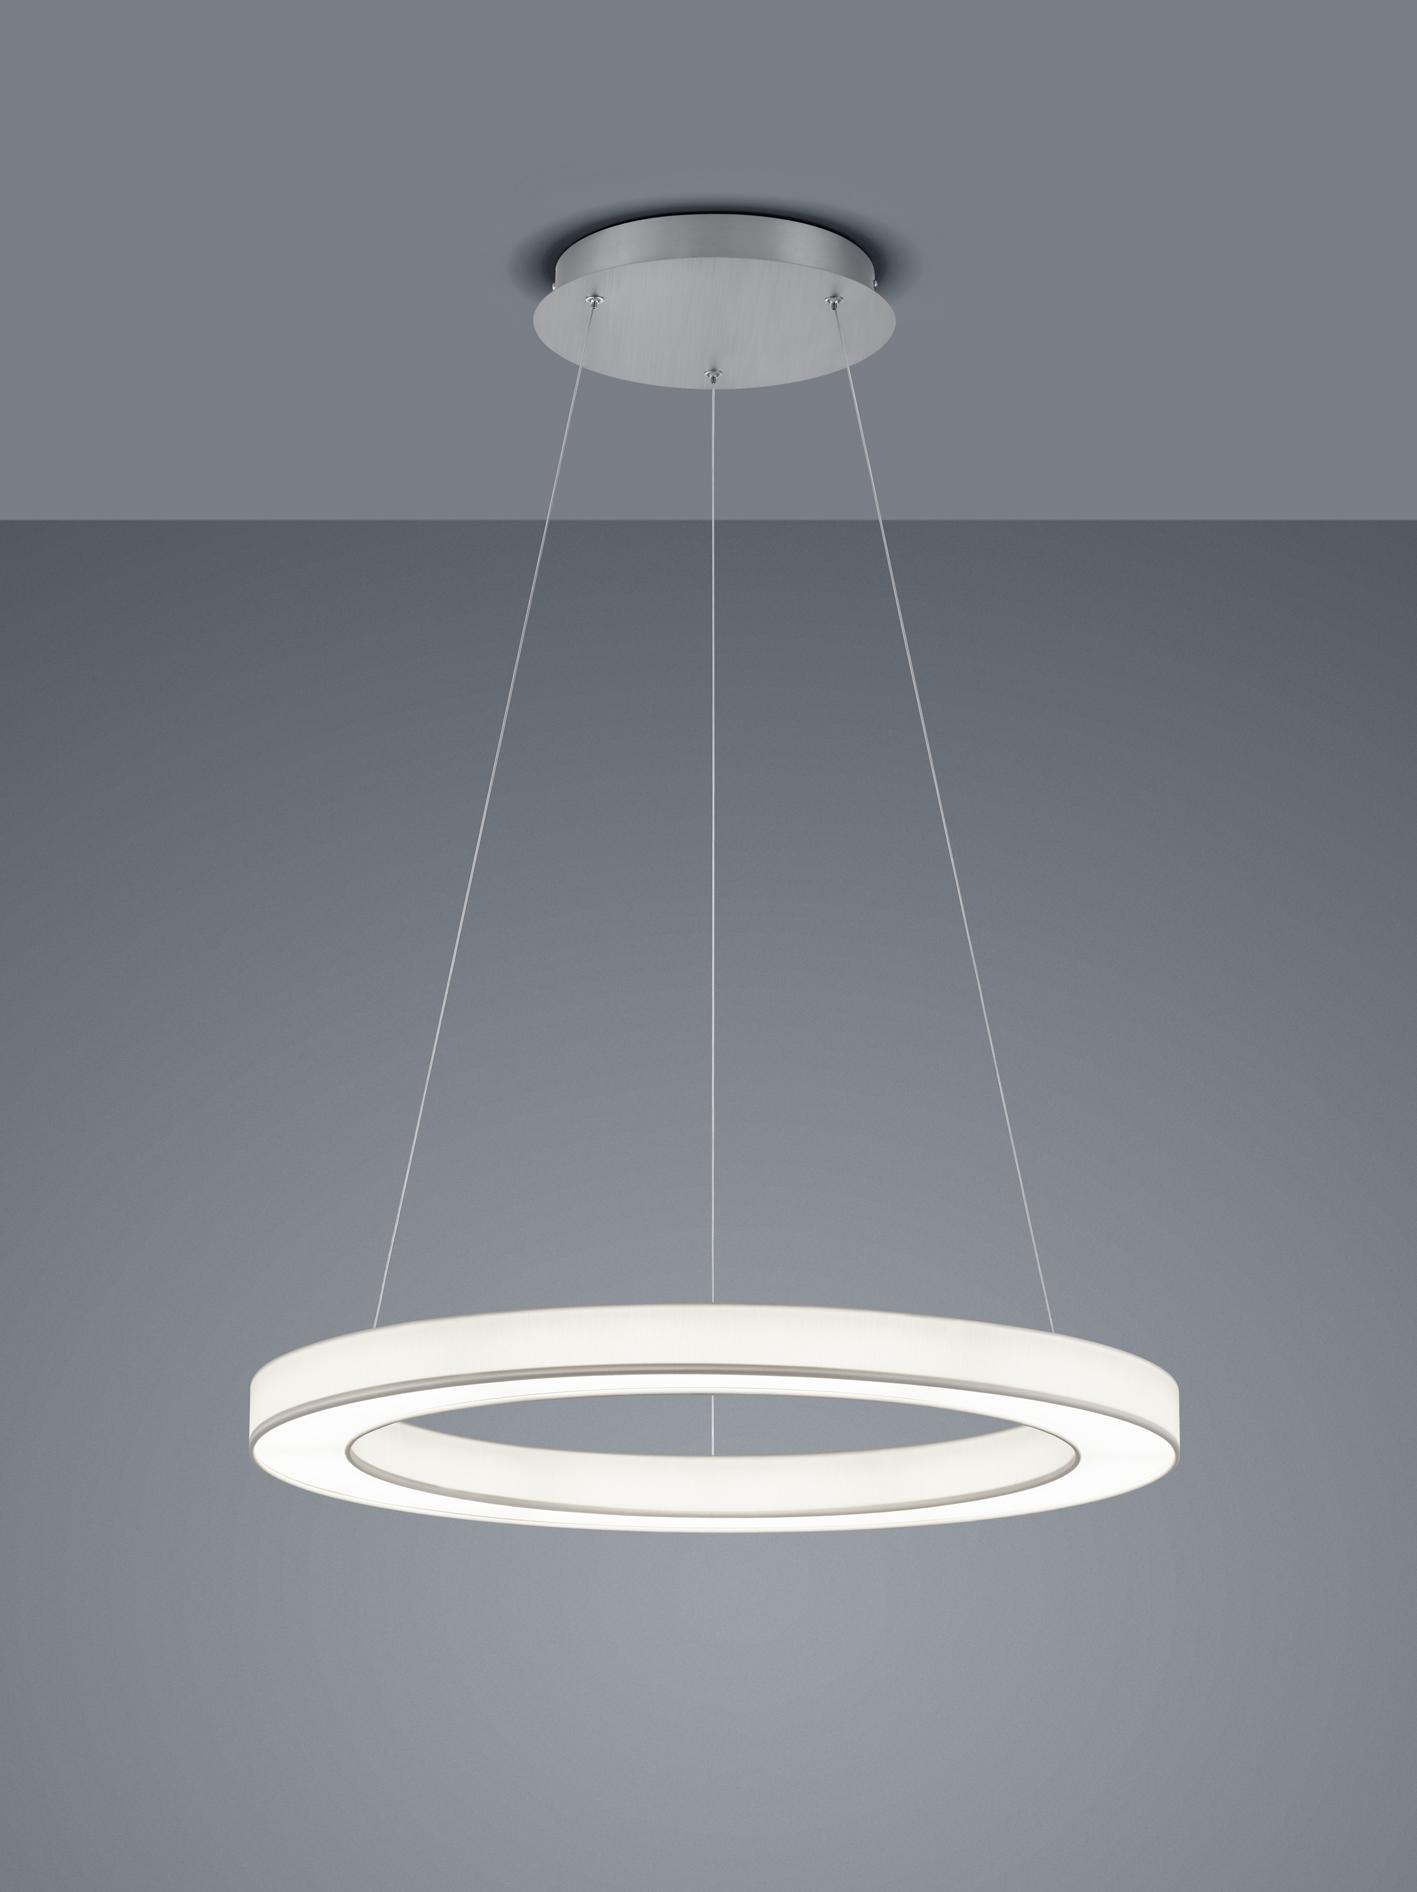 LOMO S LED Hängeleuchte von Helestra Leuchten